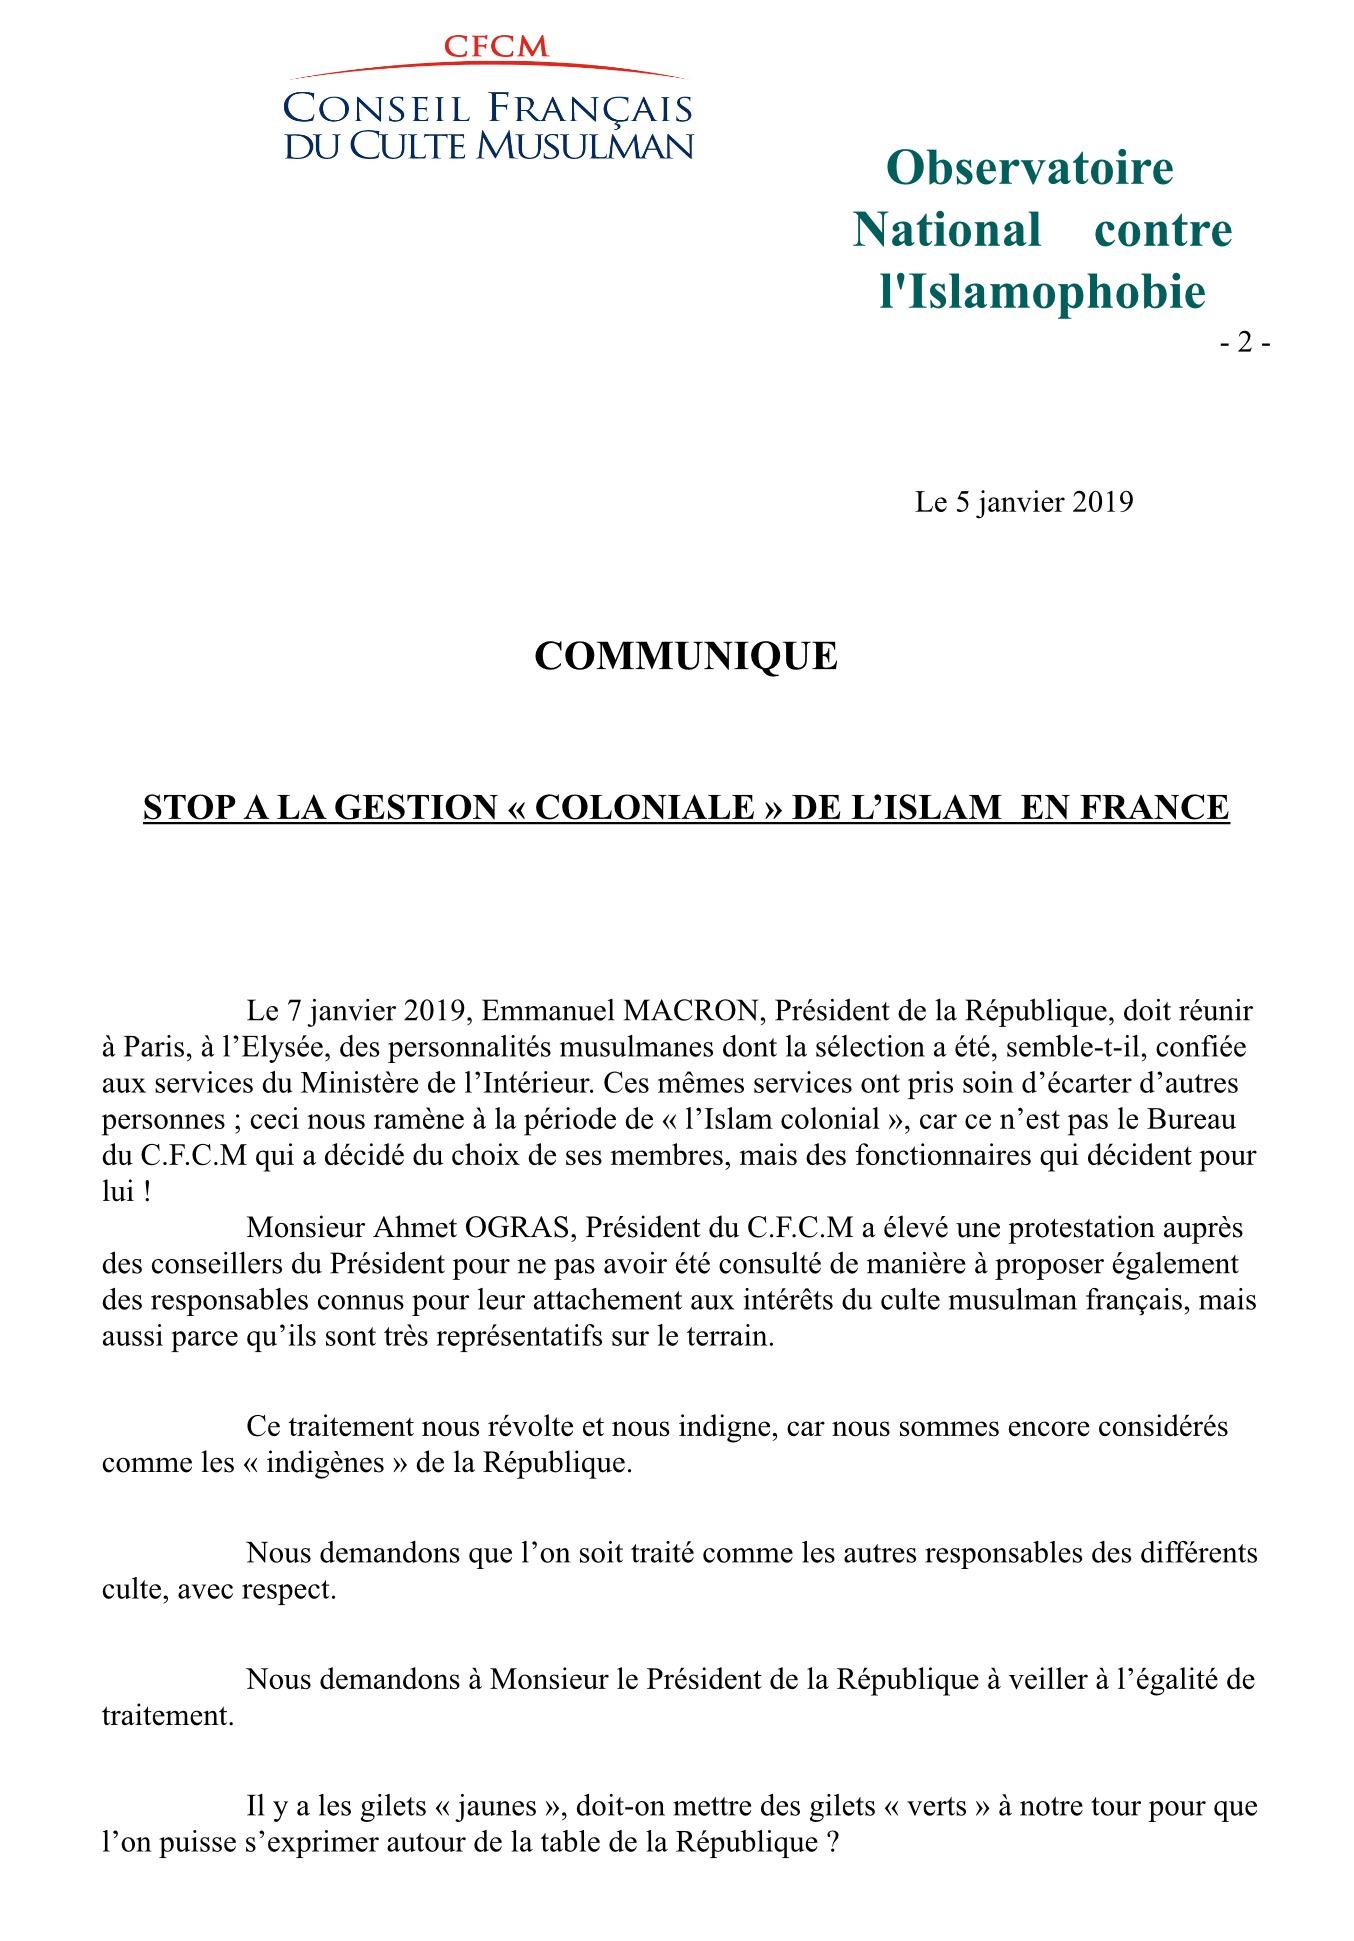 Le communiqué co-signés par le Président du CFCM et le Président de l'observatoire national contre l'islamophobie